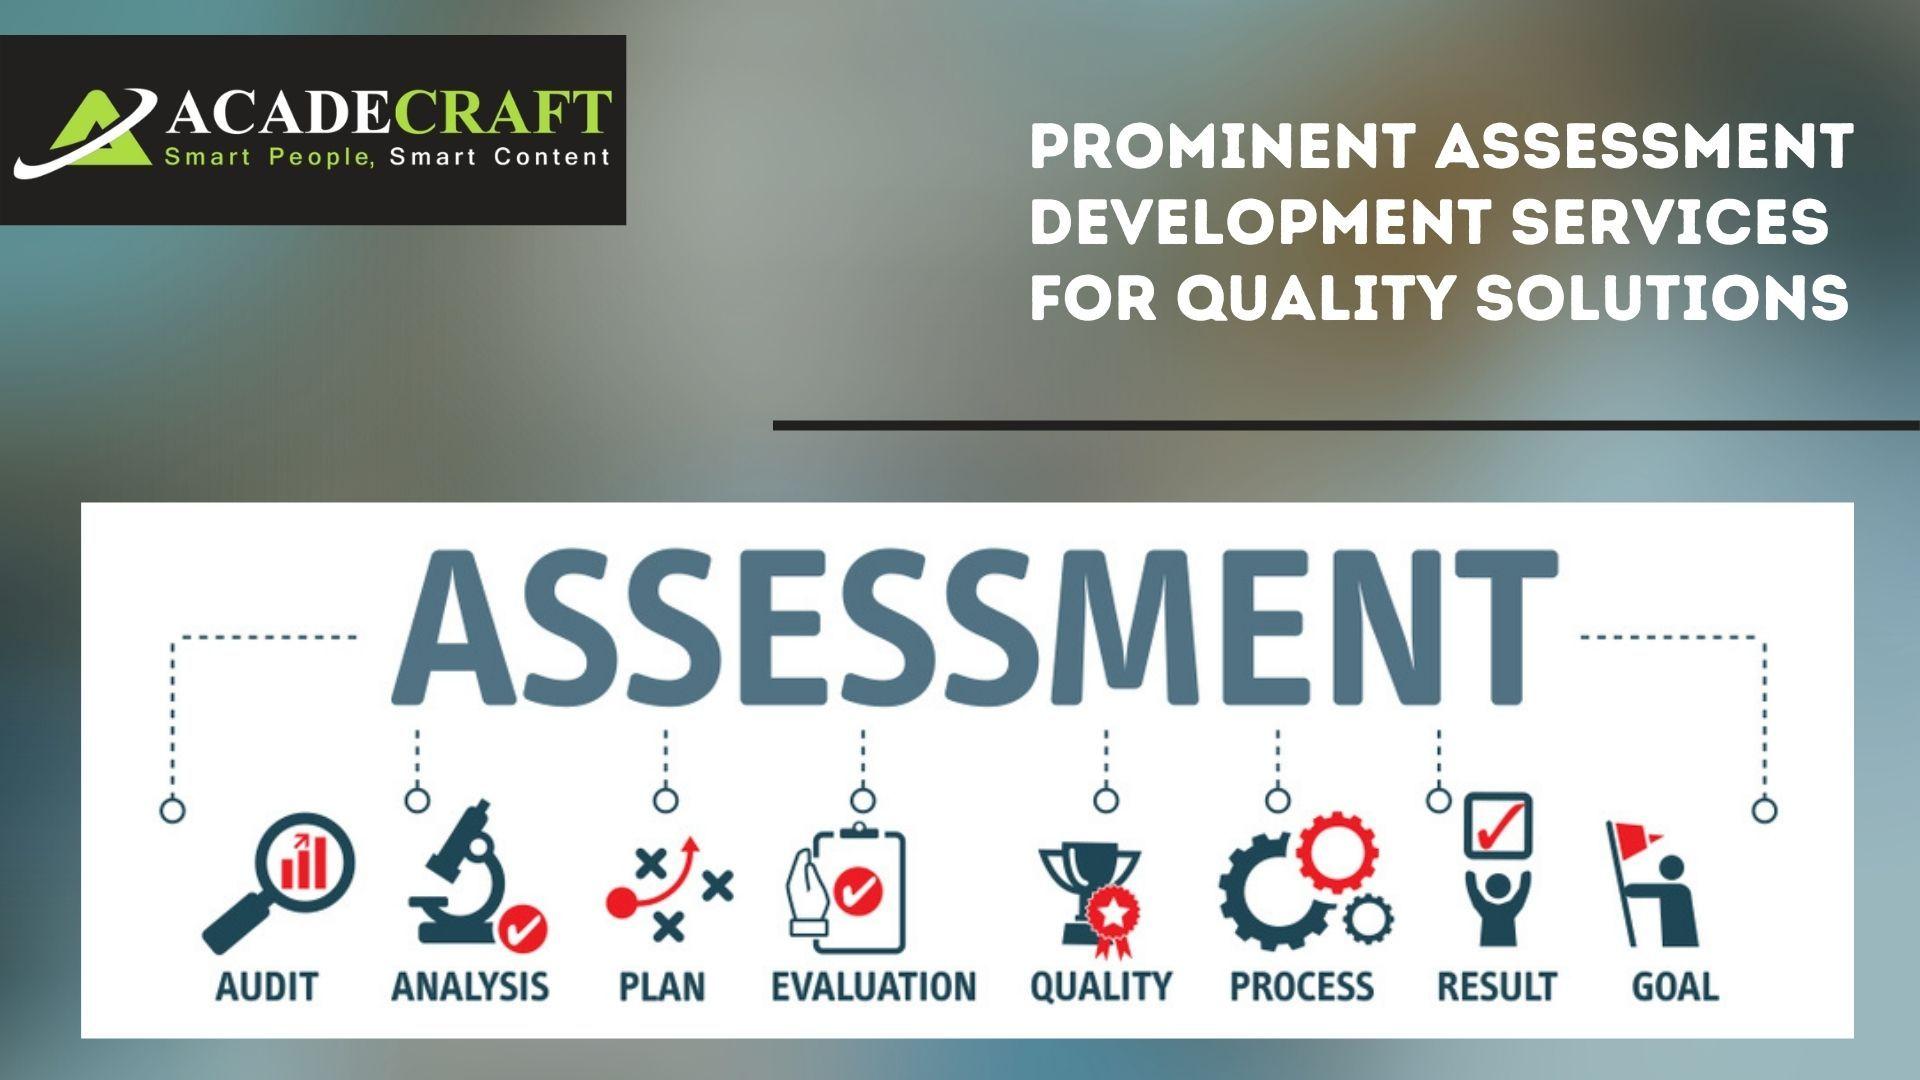 Assessment Development Services Higher Order Thinking Skills Assessment Online Assessments